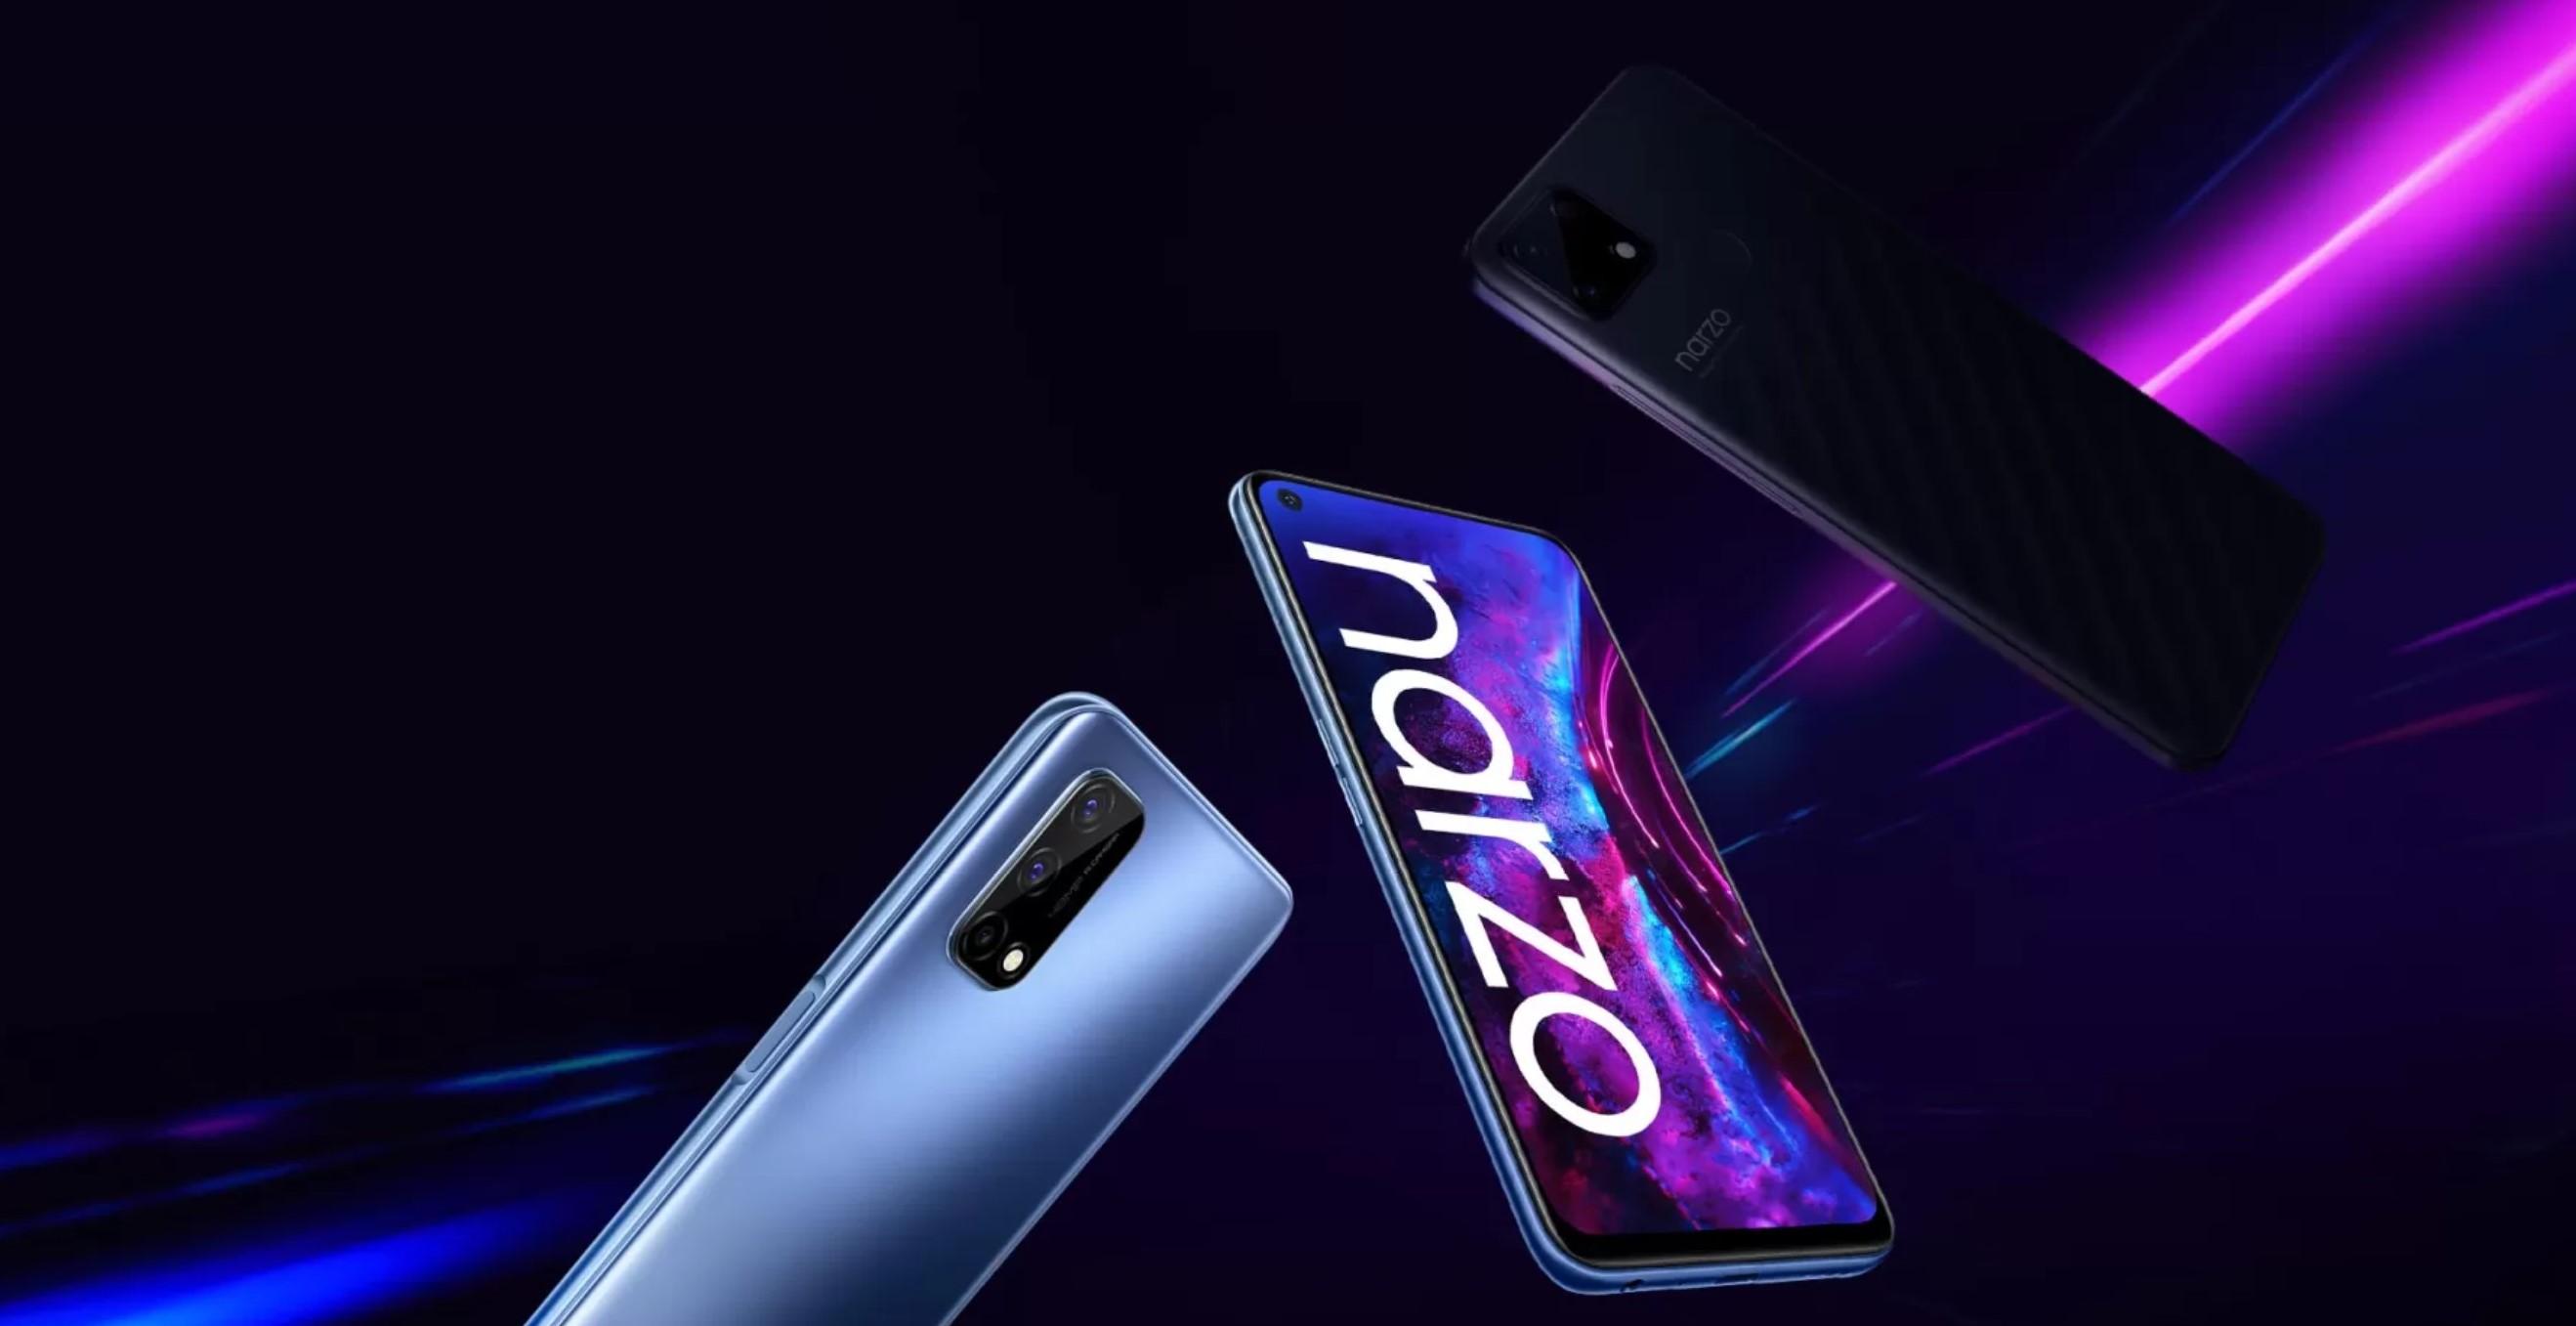 Smartfony realme Narzo ruszają na podbój średniej półki. Jest ekran 120 Hz i solidna bateria